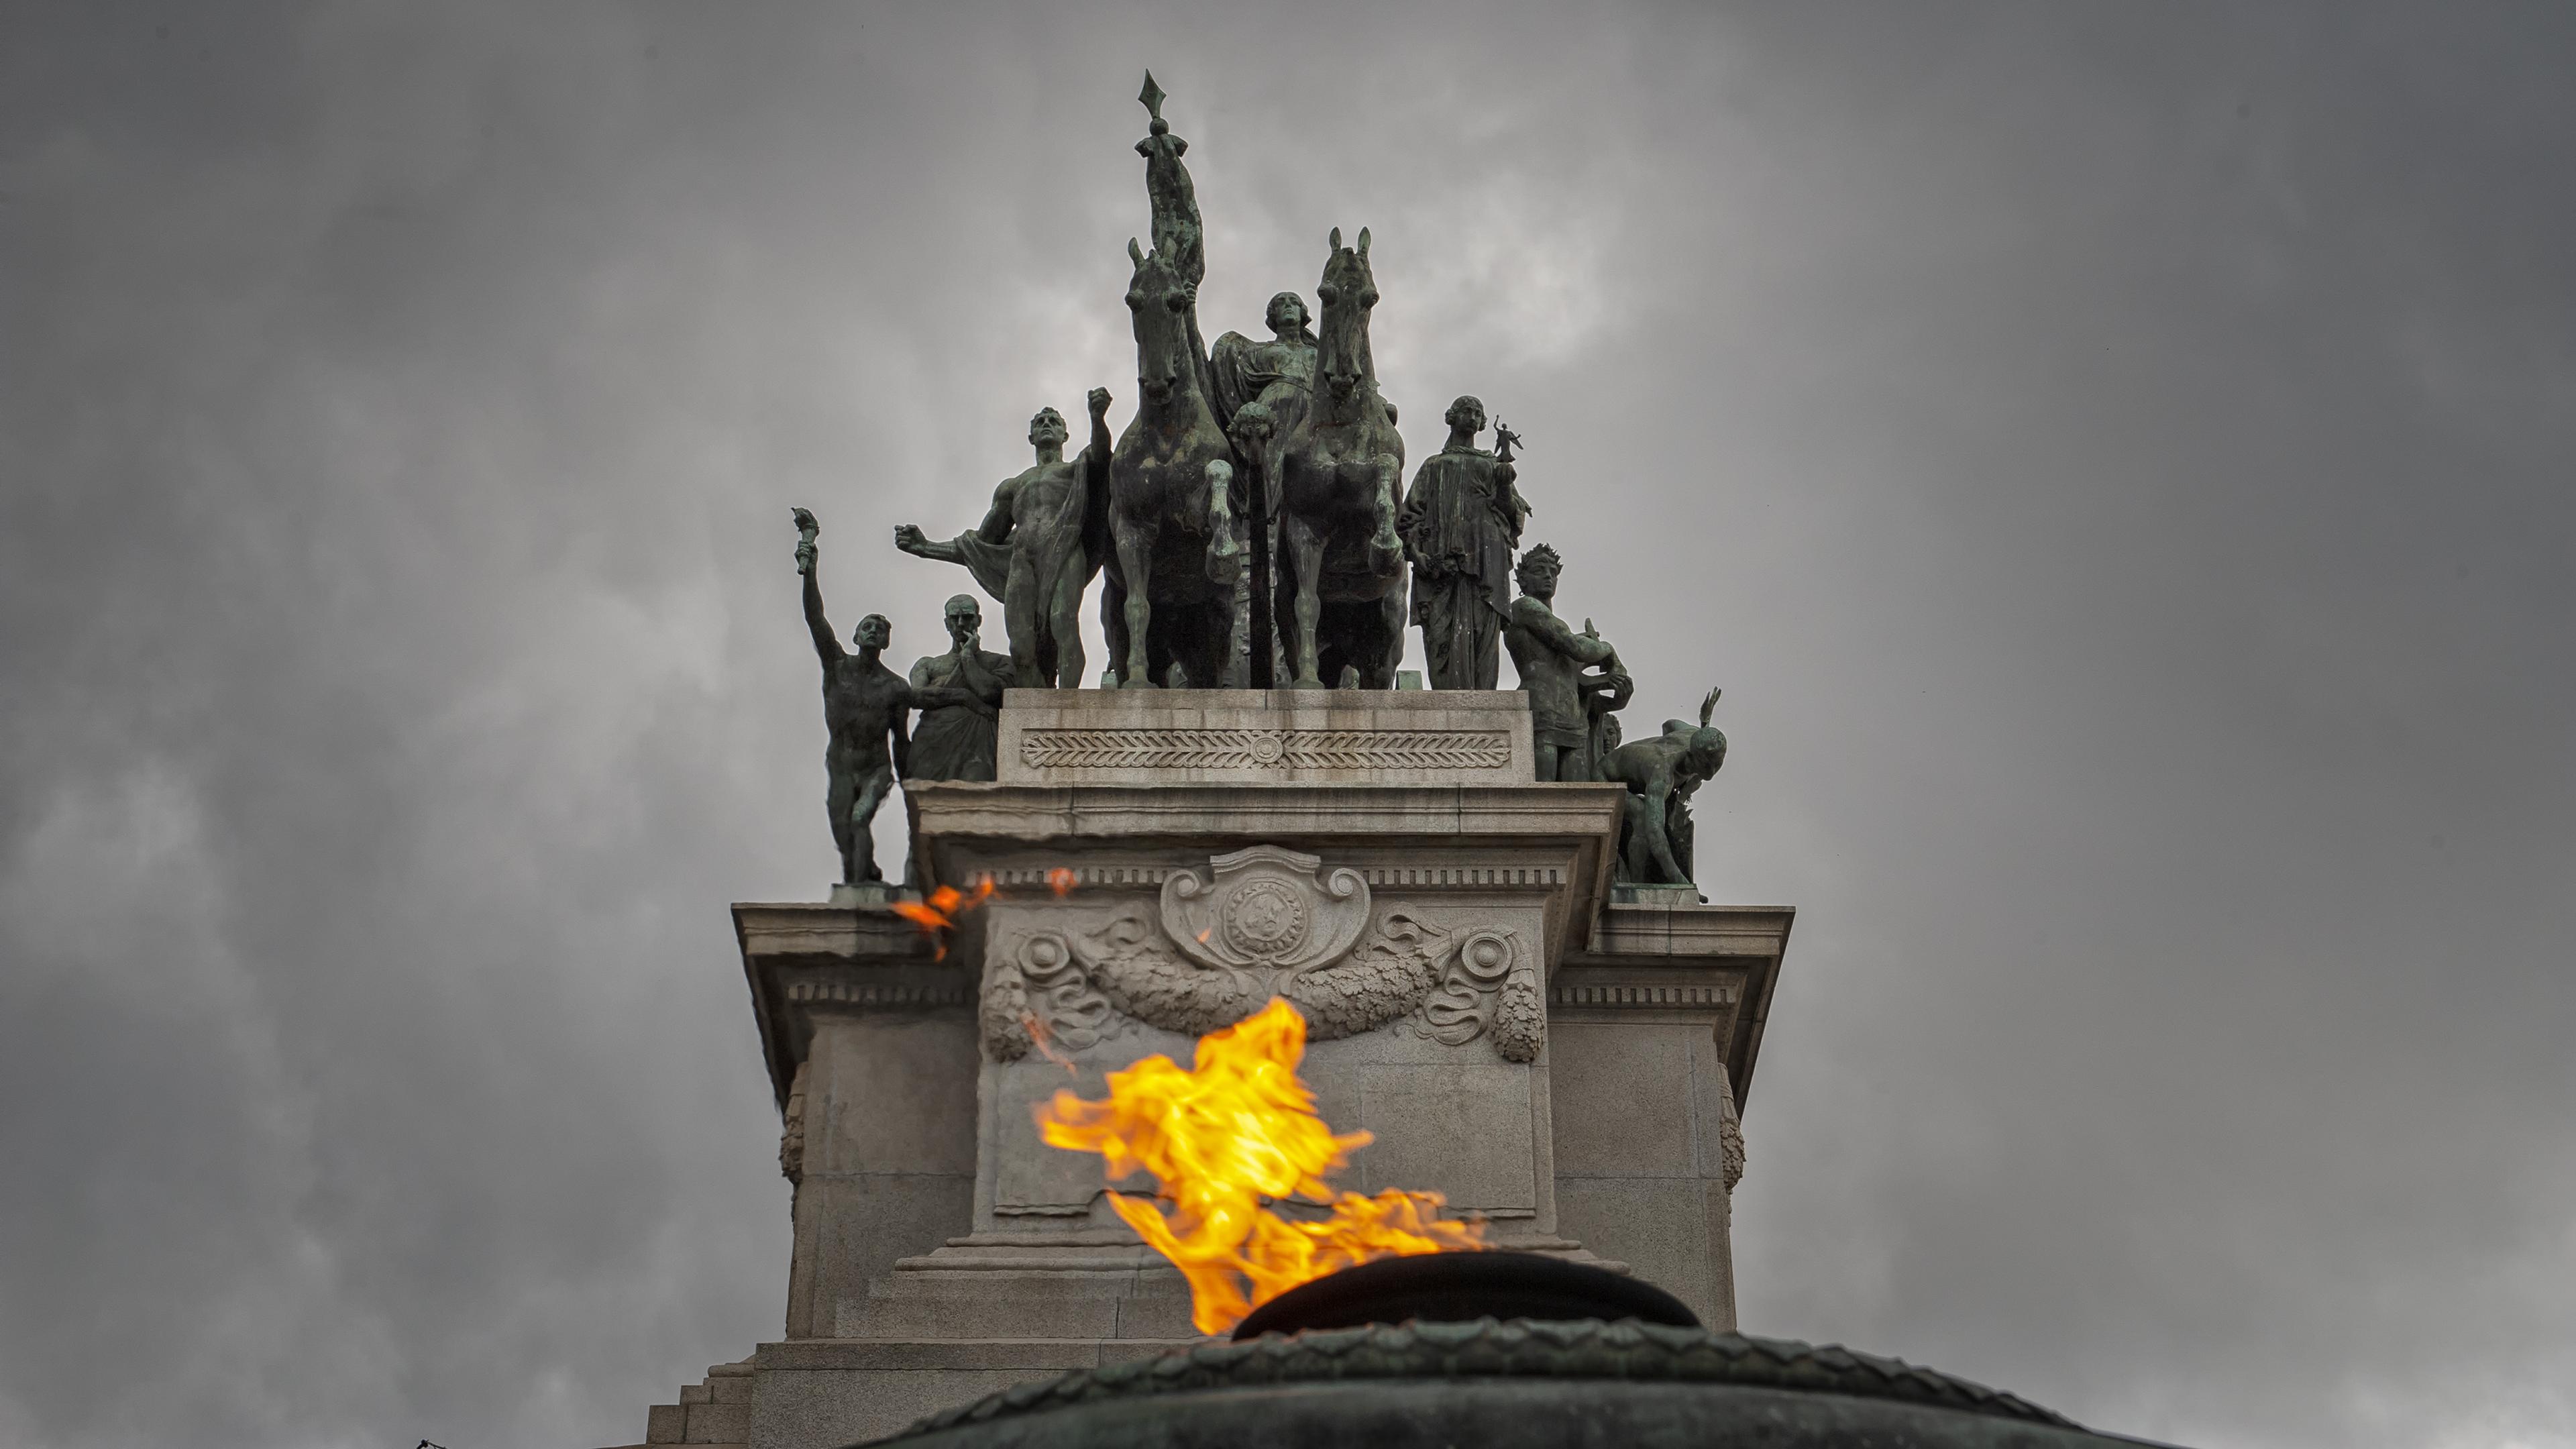 Ipiranga Monument